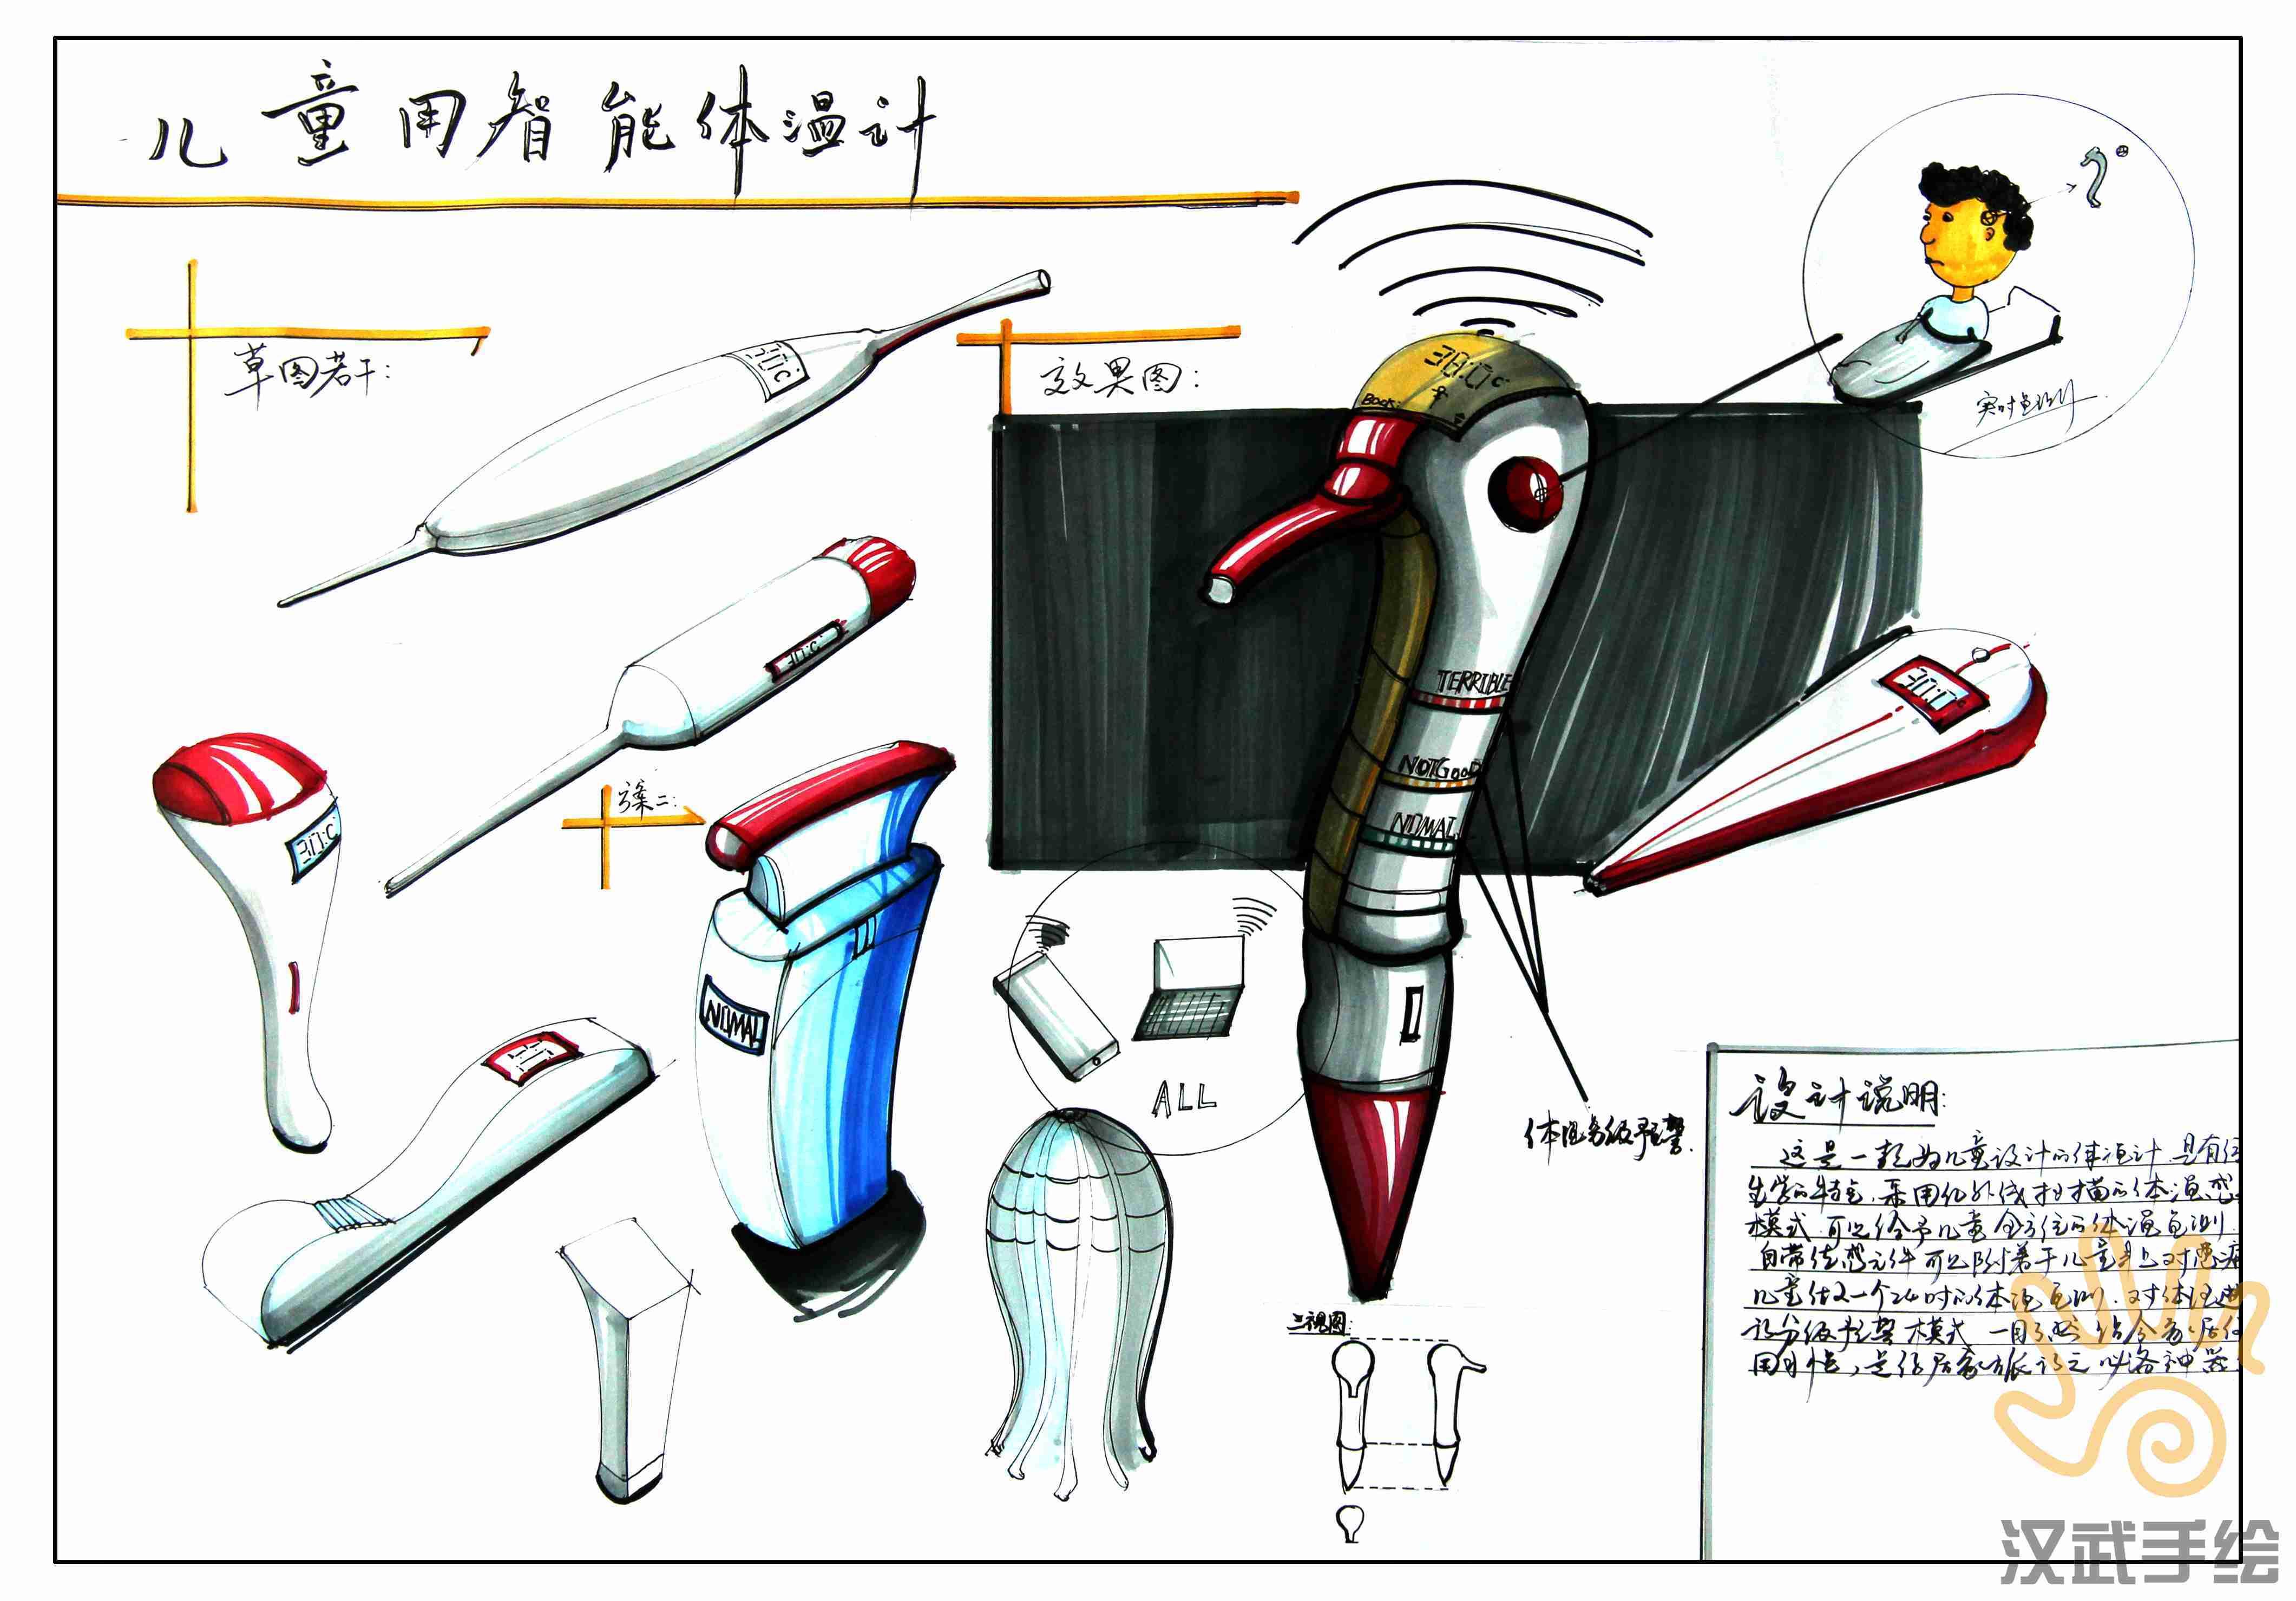 汉武手绘工业设计快题作品欣赏